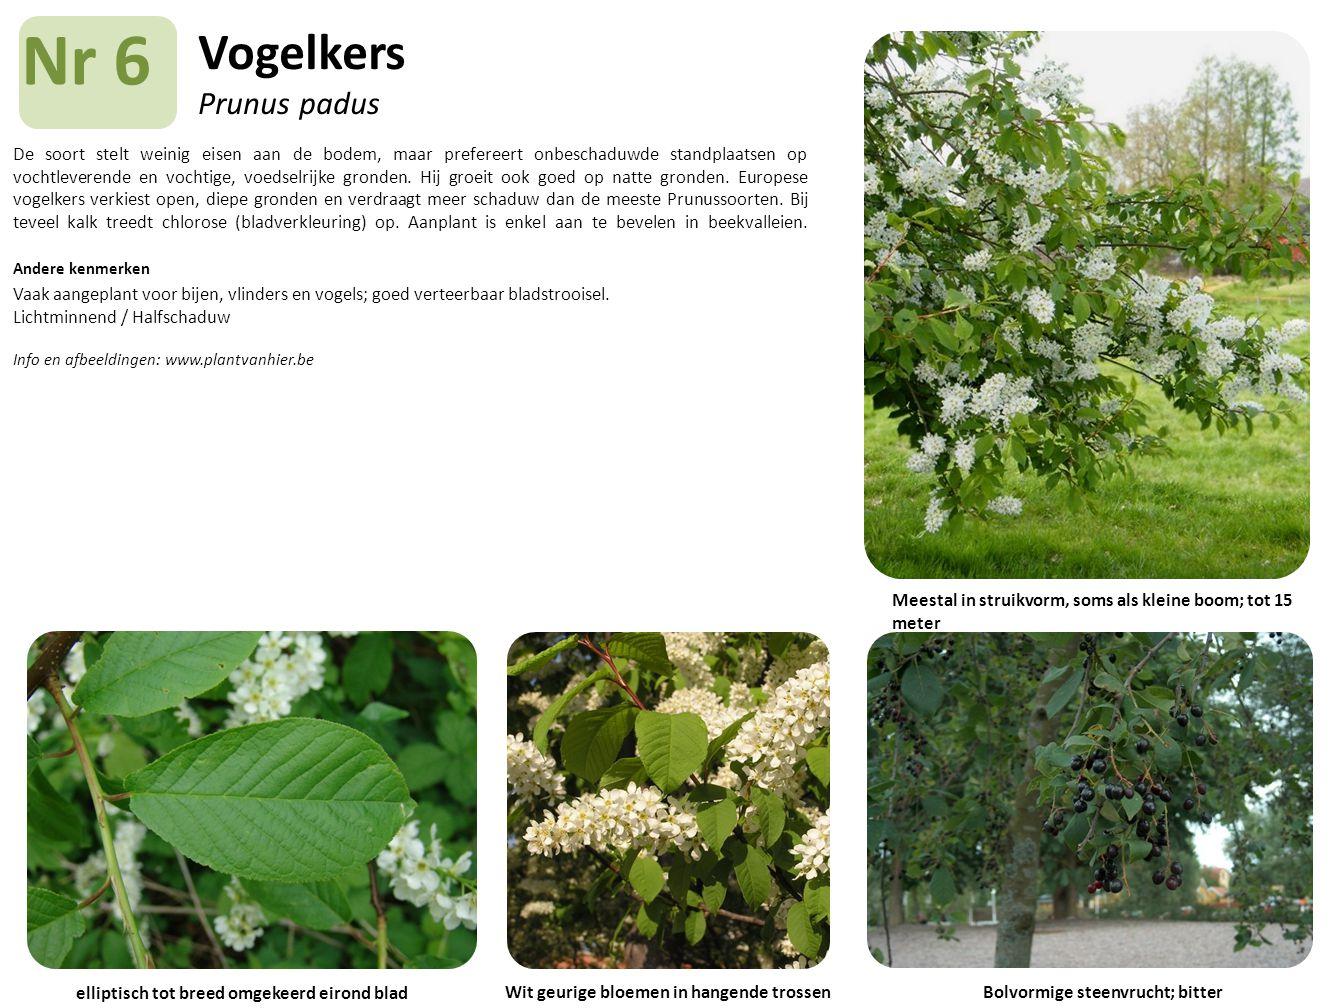 Vogelkers Prunus padus